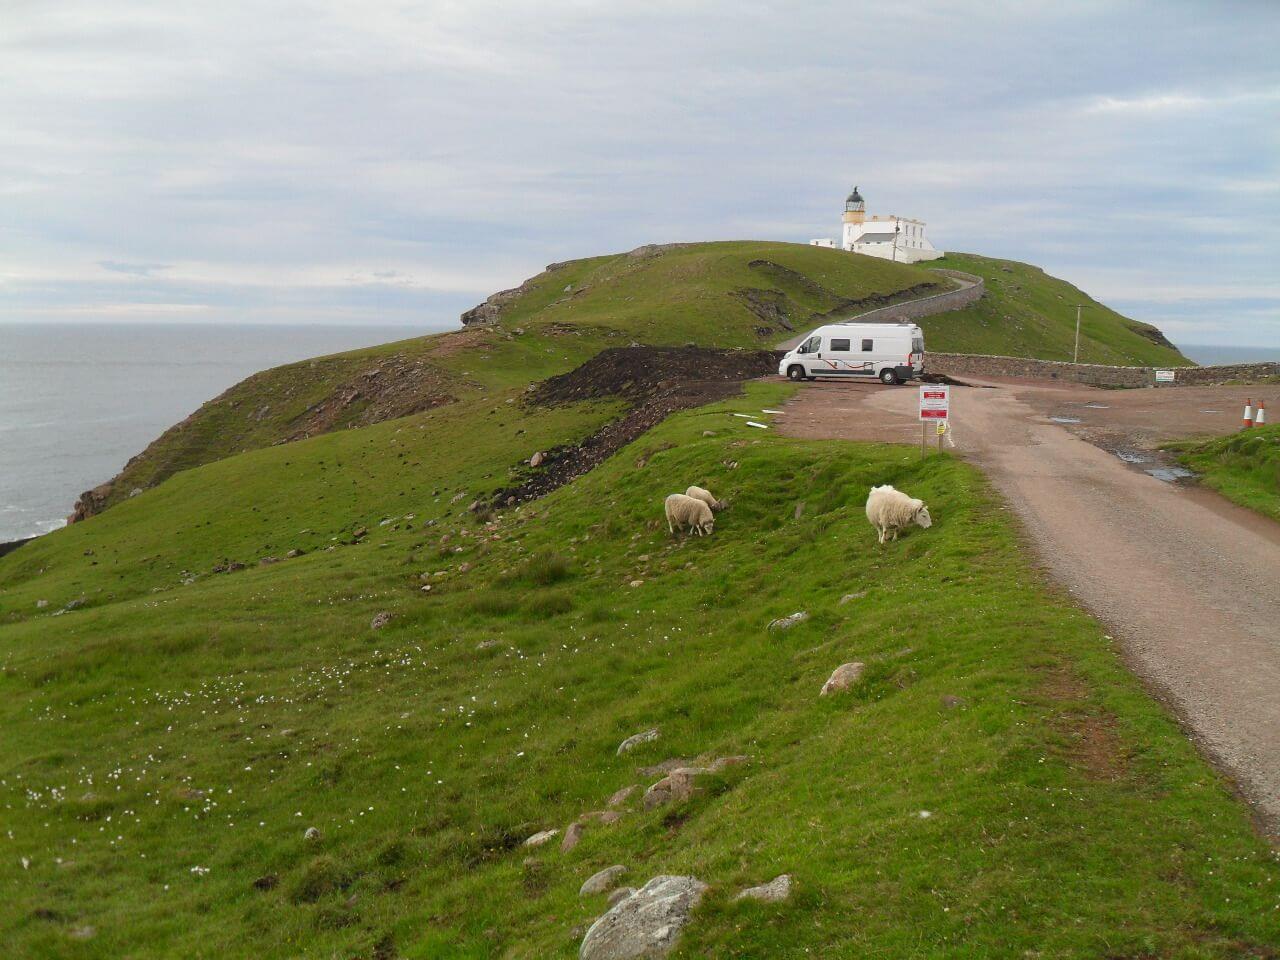 """Stoer Lighthouse an der Nord-West-Ecke des Assynt. In 3km Entfernung, nur durch Fußpfade erreichbar, ist der <a href=""""https://de.wikipedia.org/wiki/Old_Man_of_Stoer"""" rel=""""noopener"""" target=""""_blank"""">Old Man of Stoer</a>, aber der passt leider nicht in meinen Zeitplan"""